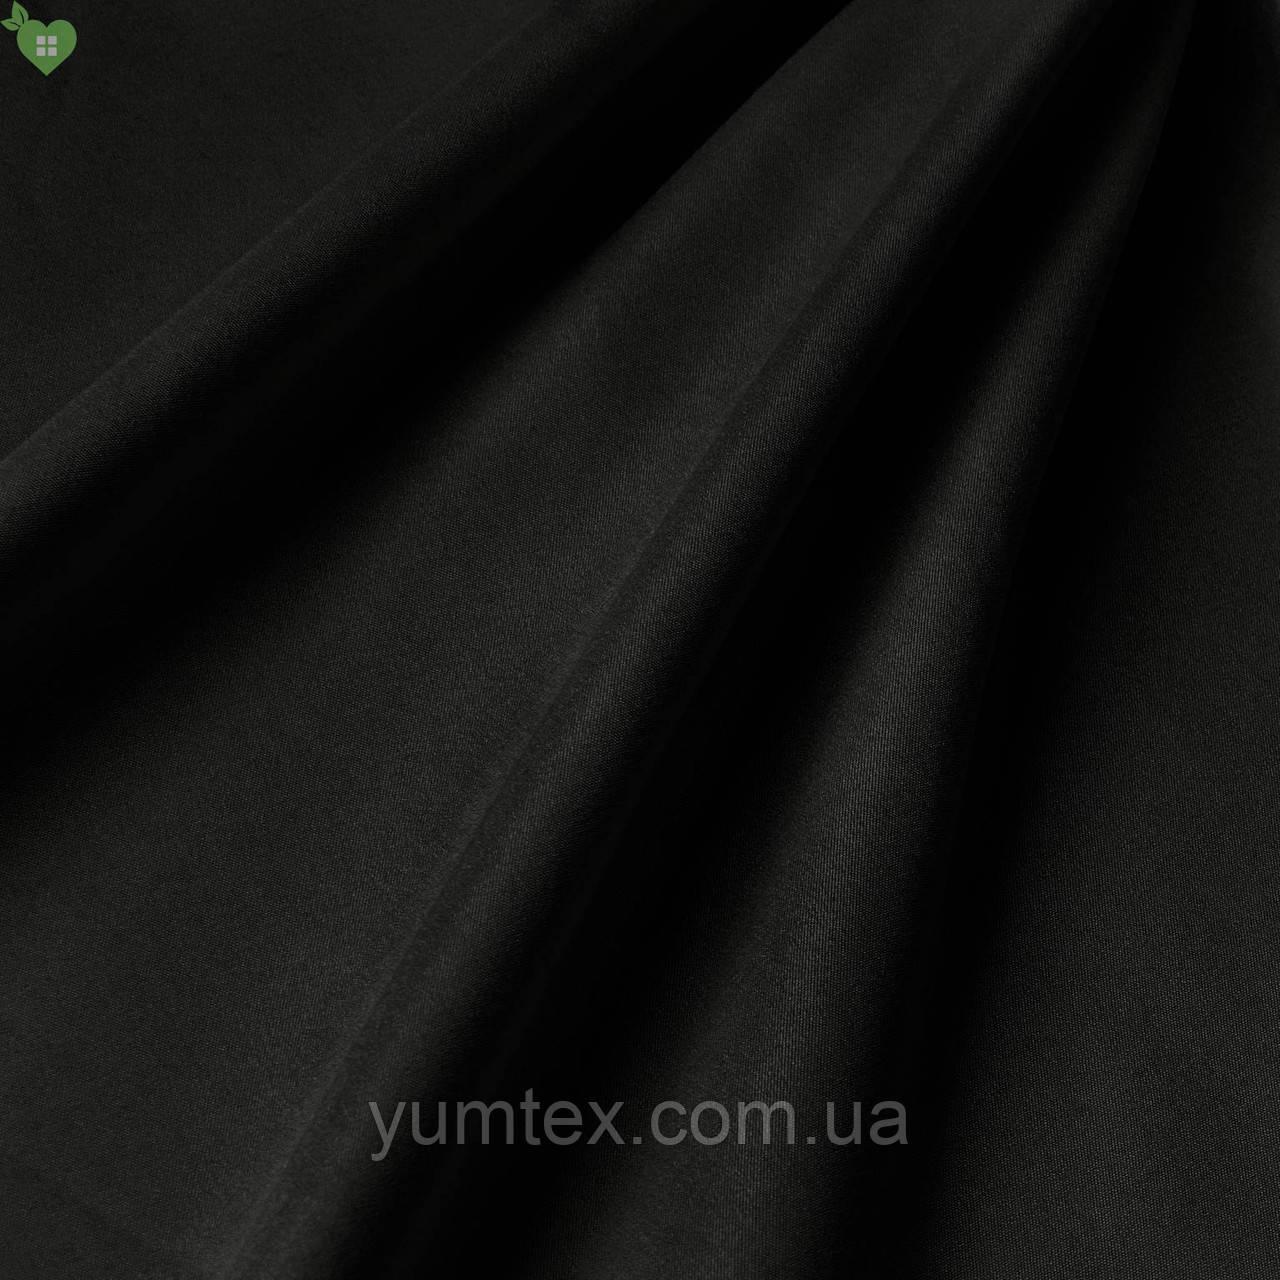 Подкладочная ткань с матовой фактурой черная Испания